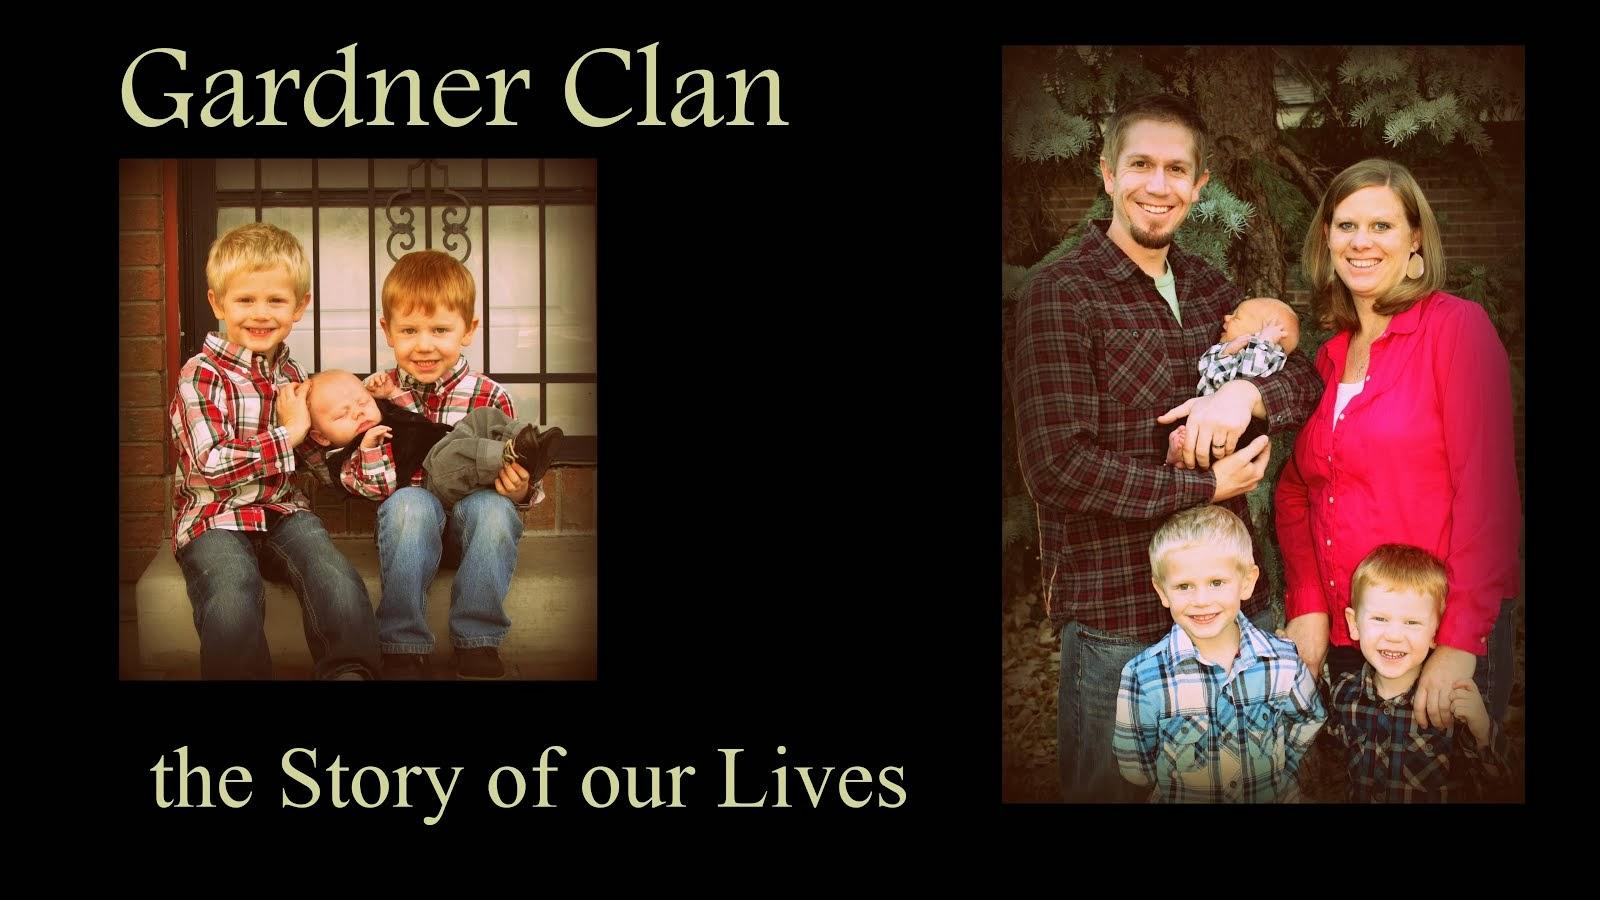 Gardner Clan